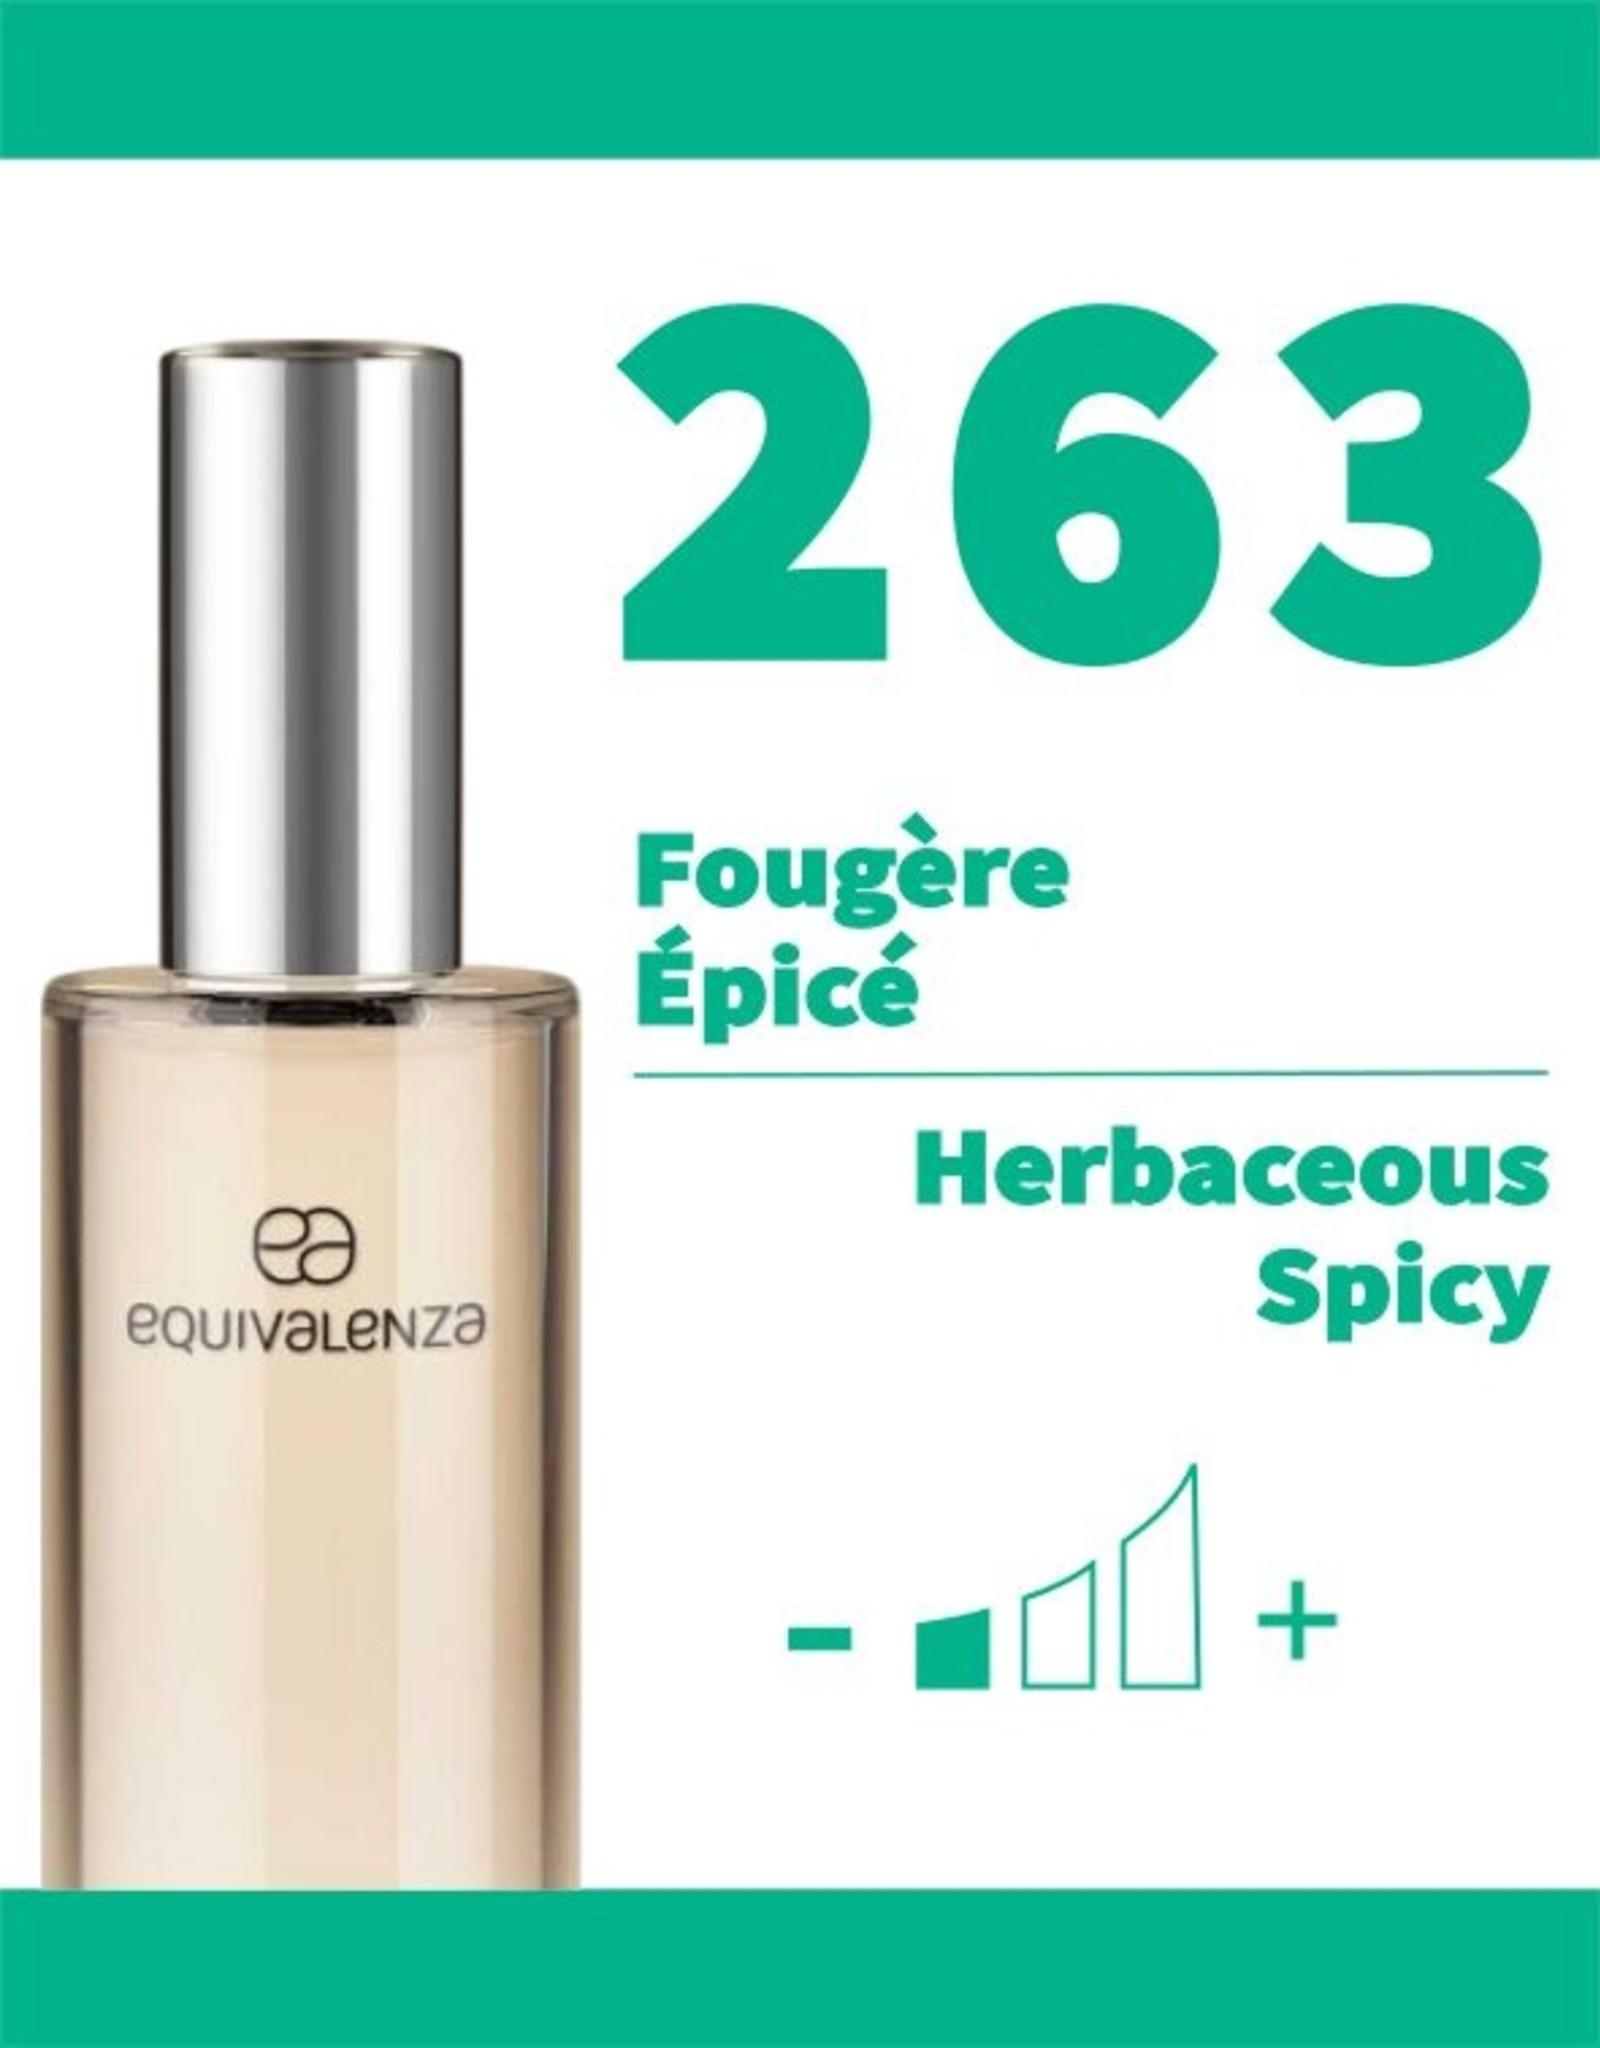 Equivalenza Eau de Toilette Herbaceous Spicy 263